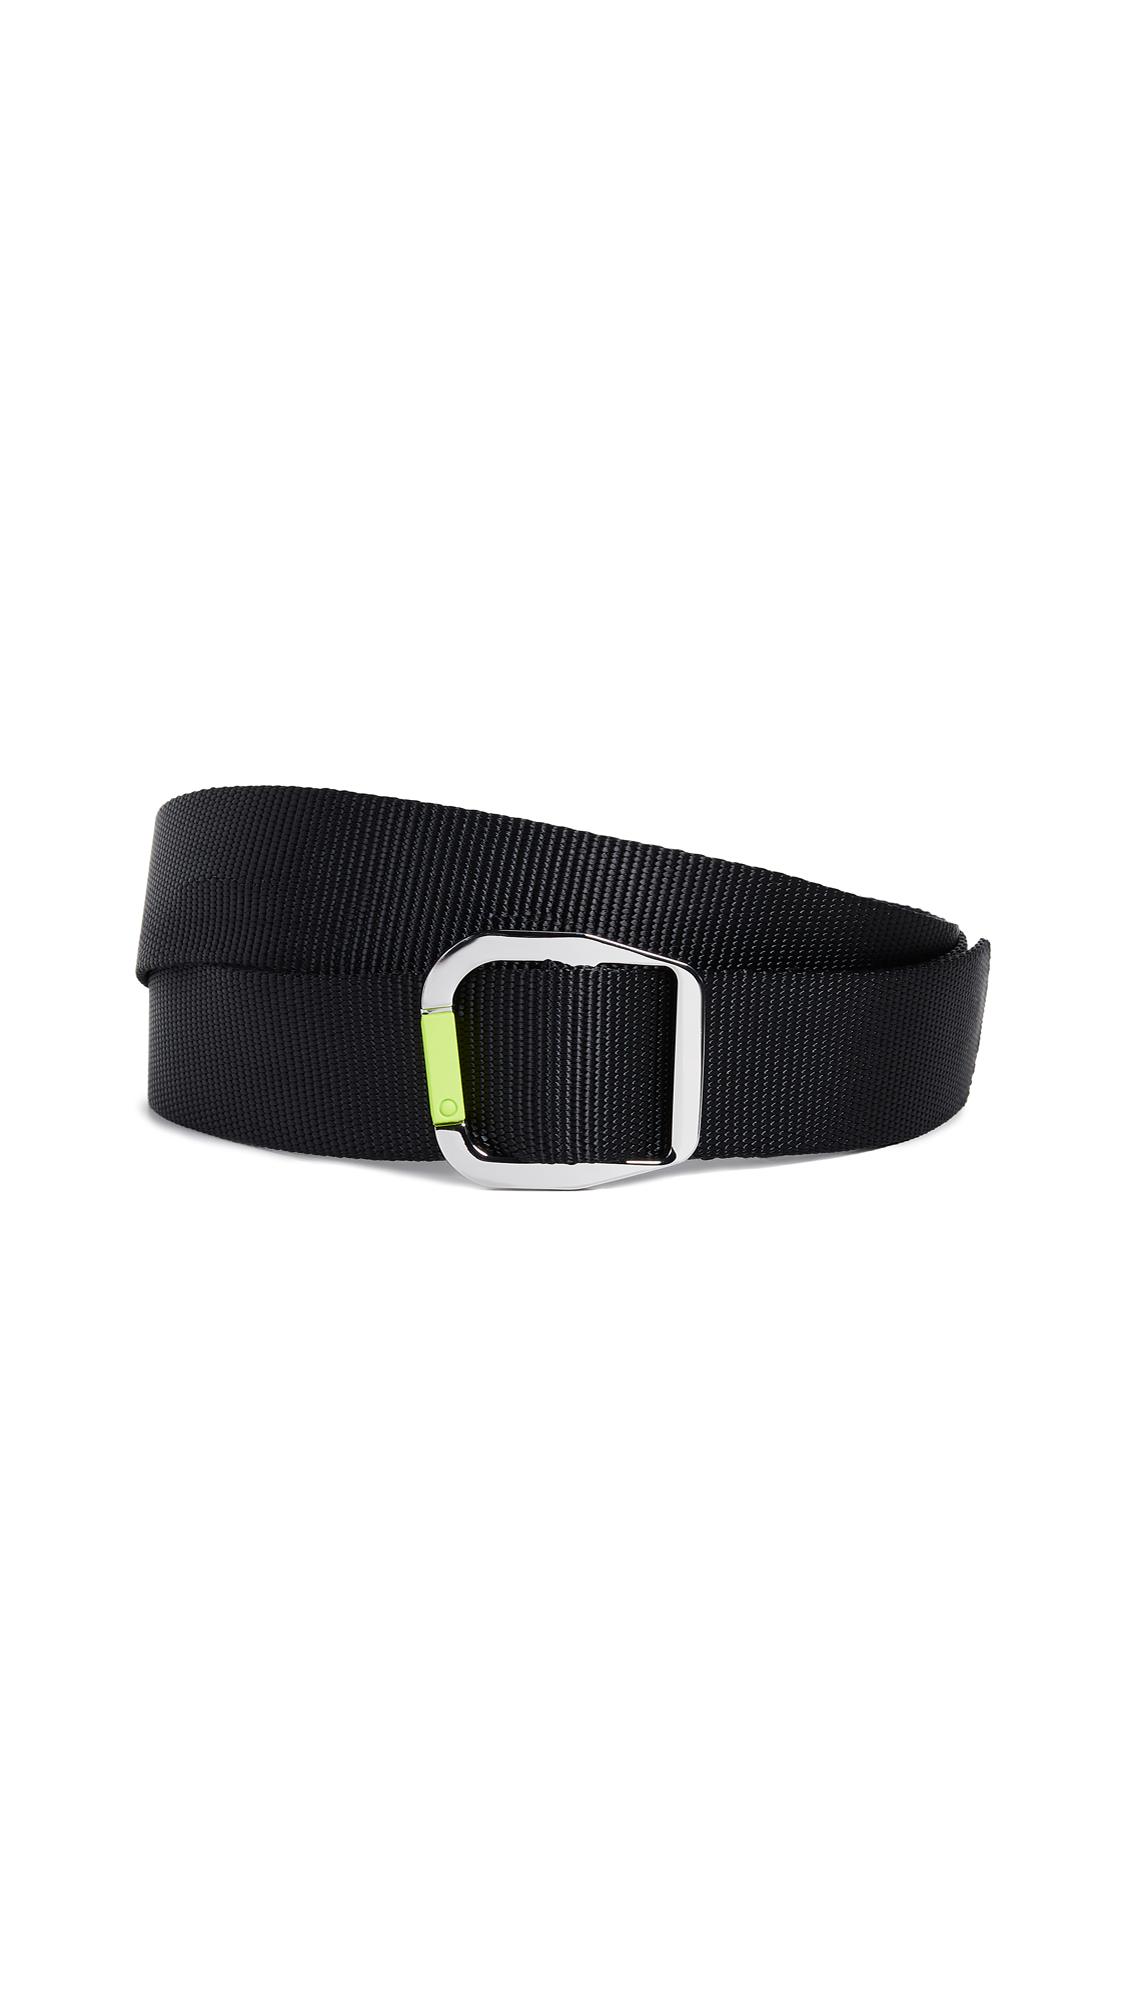 Carabiner Nylon Belt, Black Multi